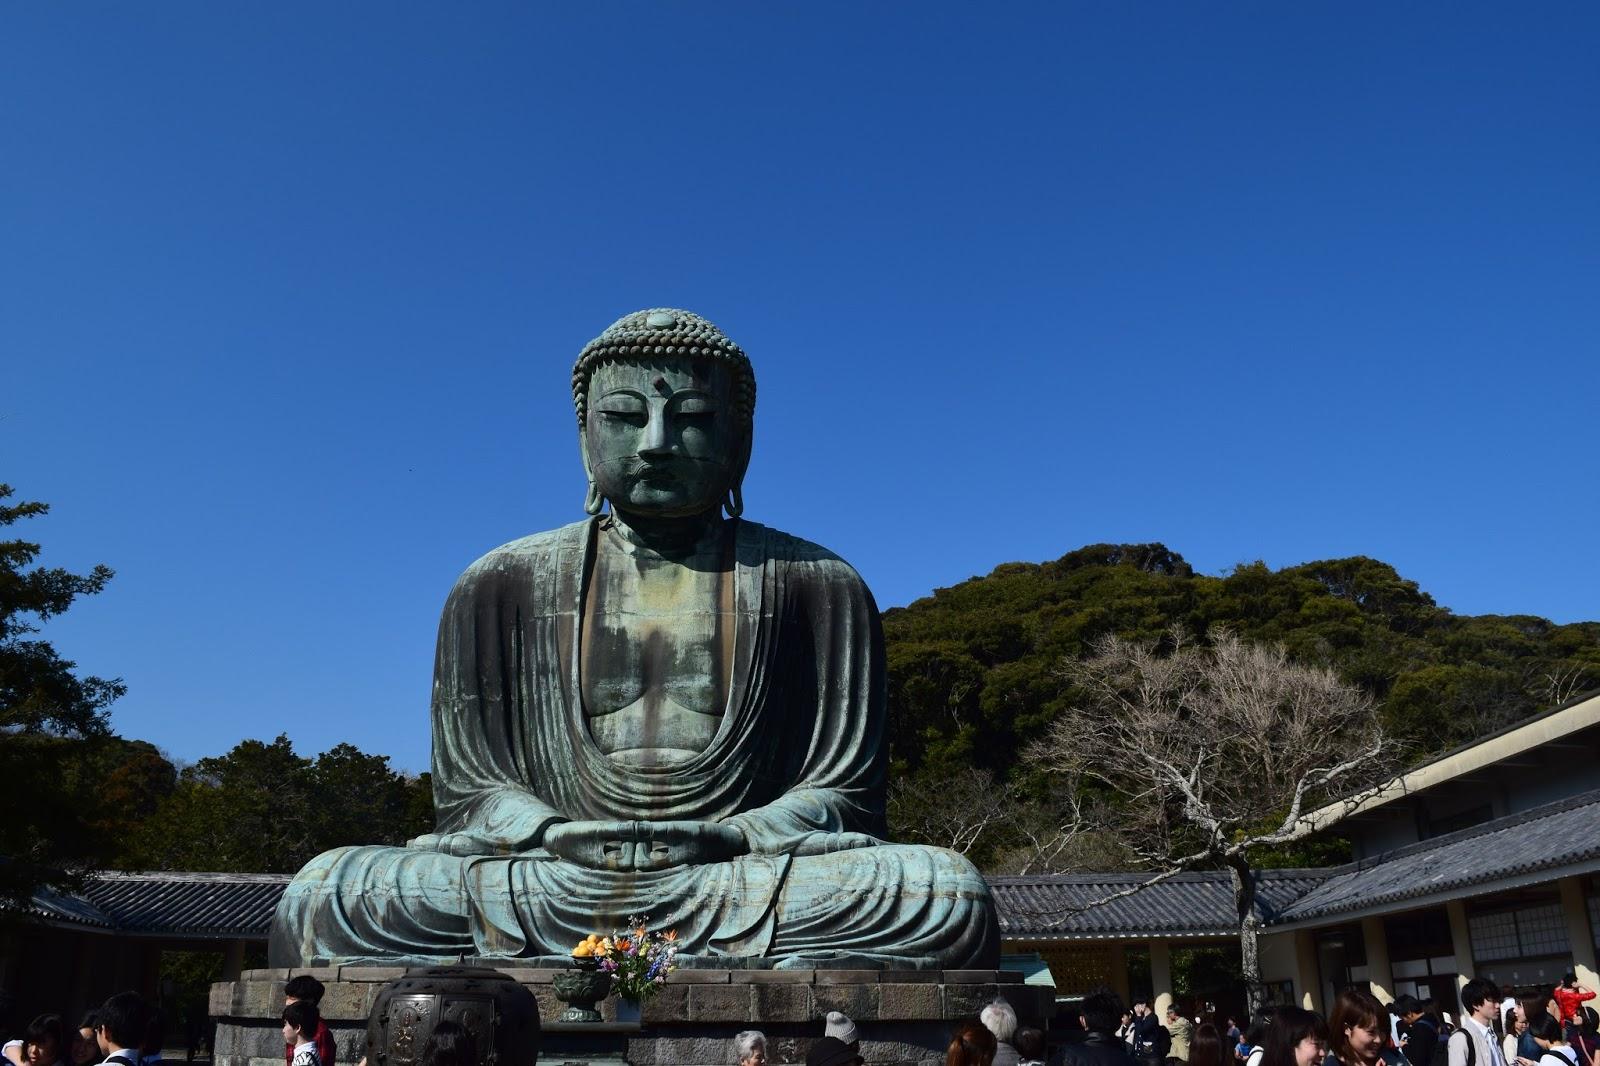 Daibutsu Kamakura Buddha